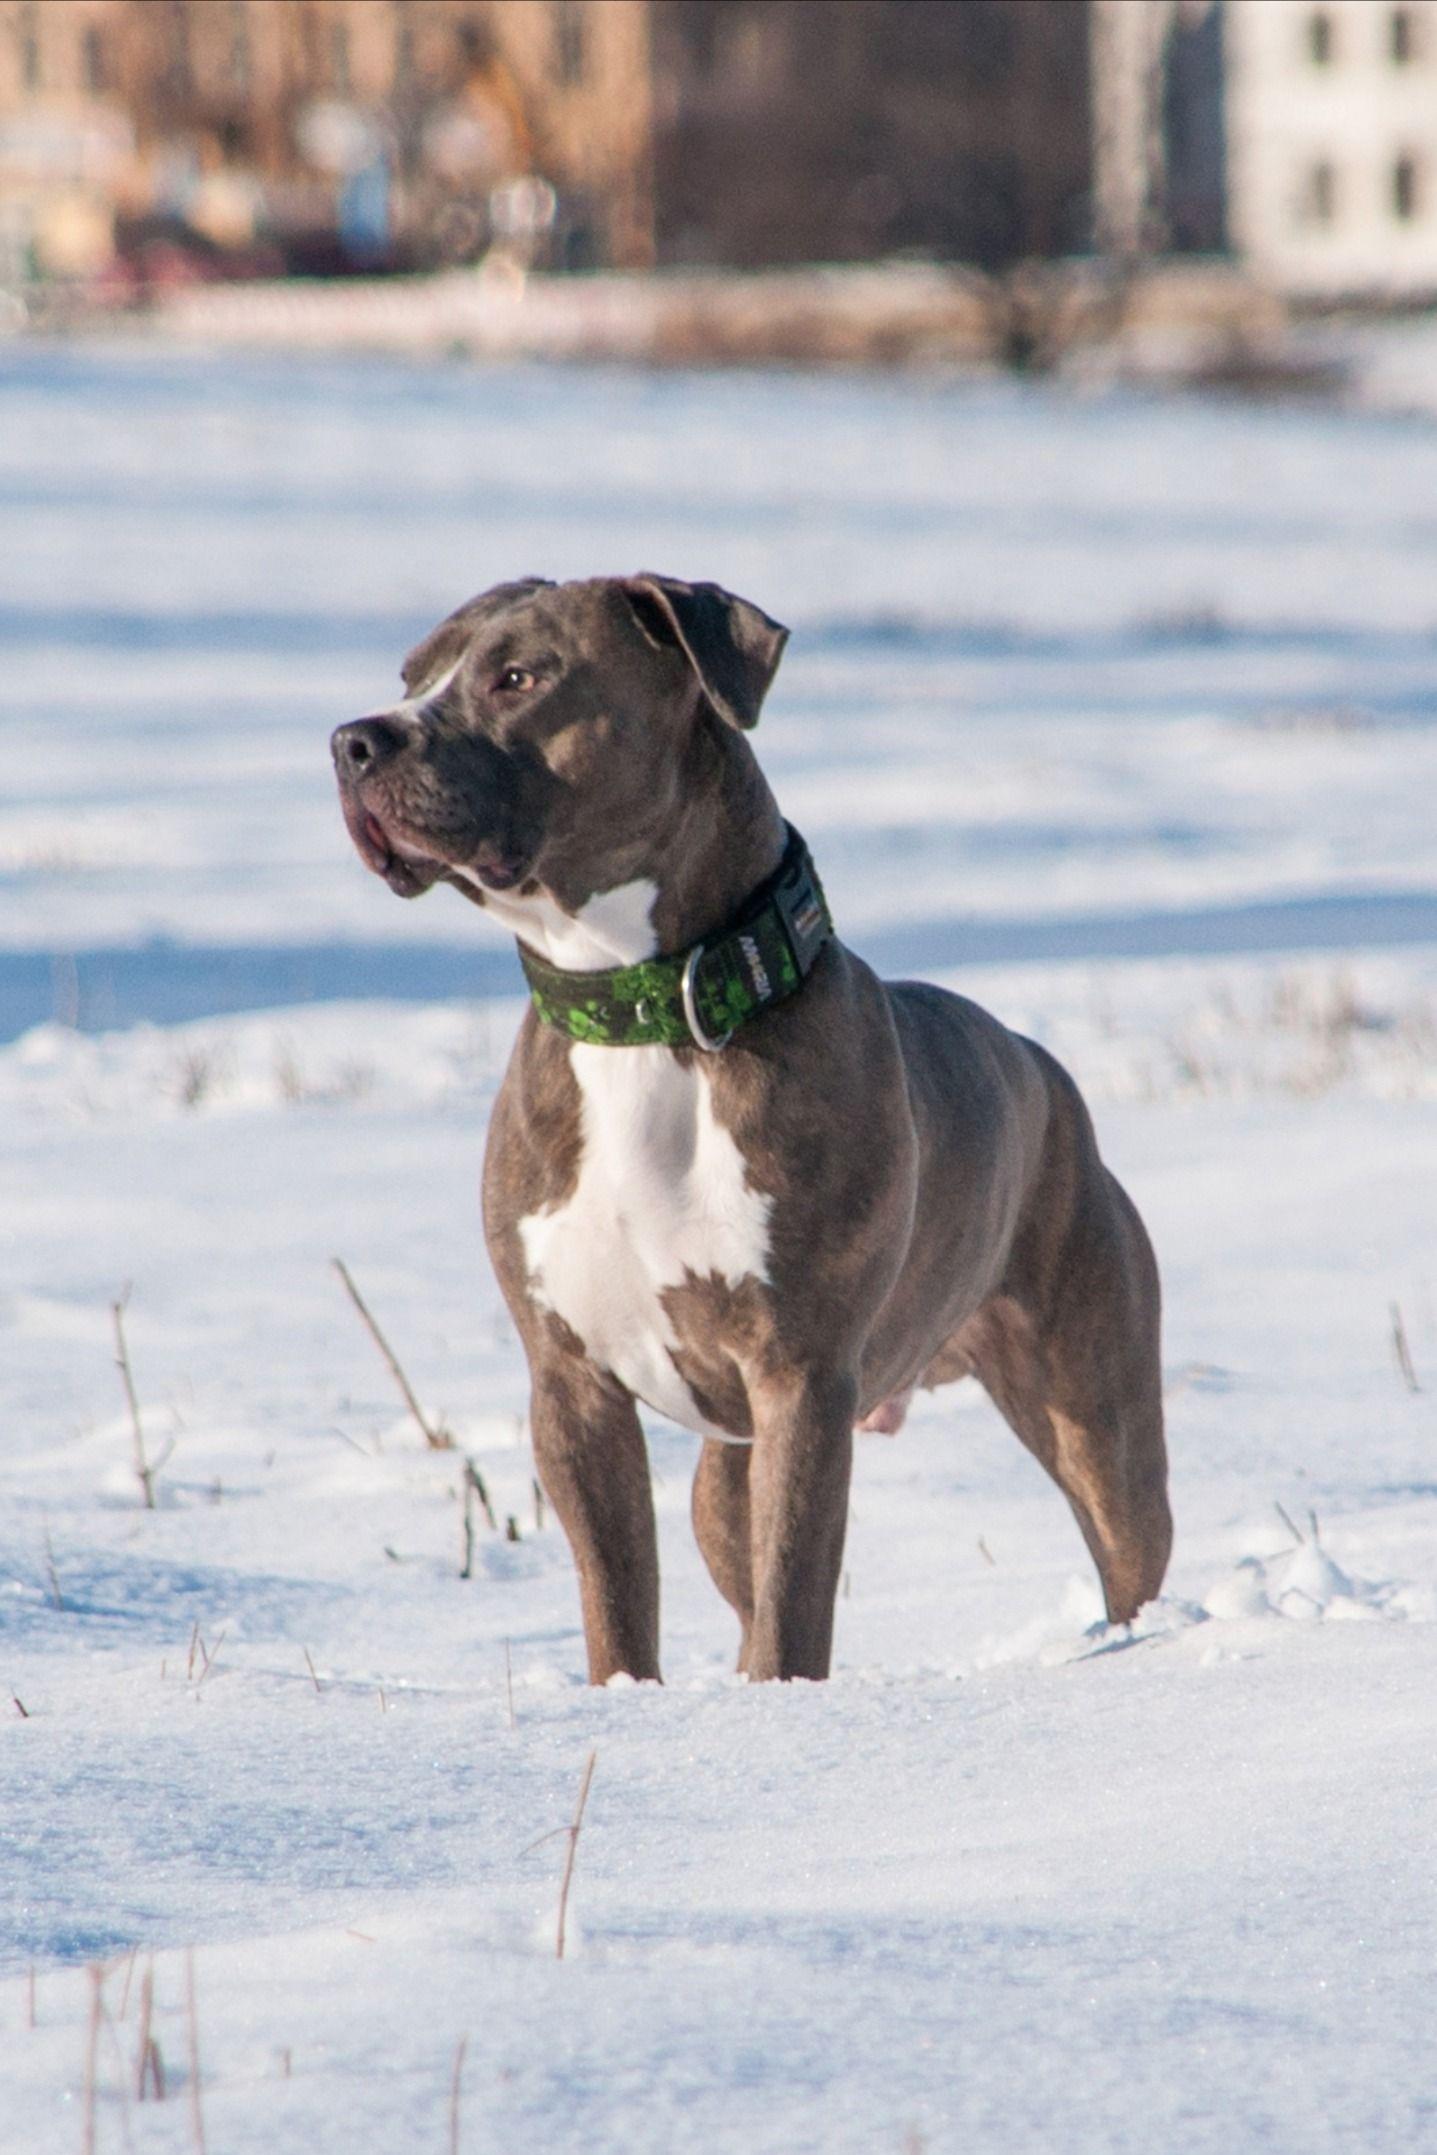 Vous souhaitez adopter un Pitbull ? Découvrez les atouts et inconvénients de cette race sur le Blog de La Ferme des Animaux